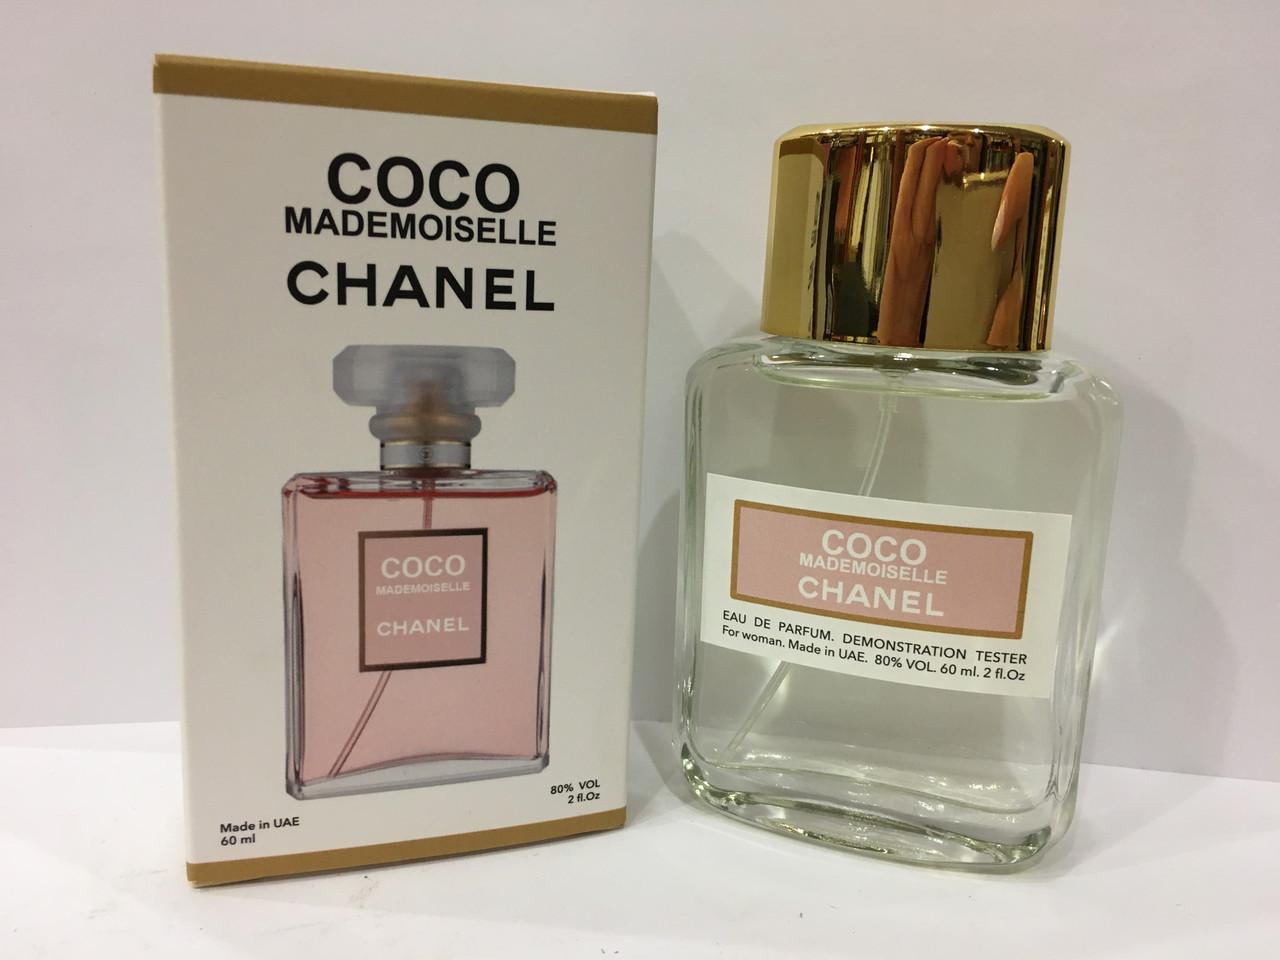 Жіночі парфуми міні тестер Chanel Coco Mademoiselle DutyFree 60 мл (Коко Шанель Мадмуазель)